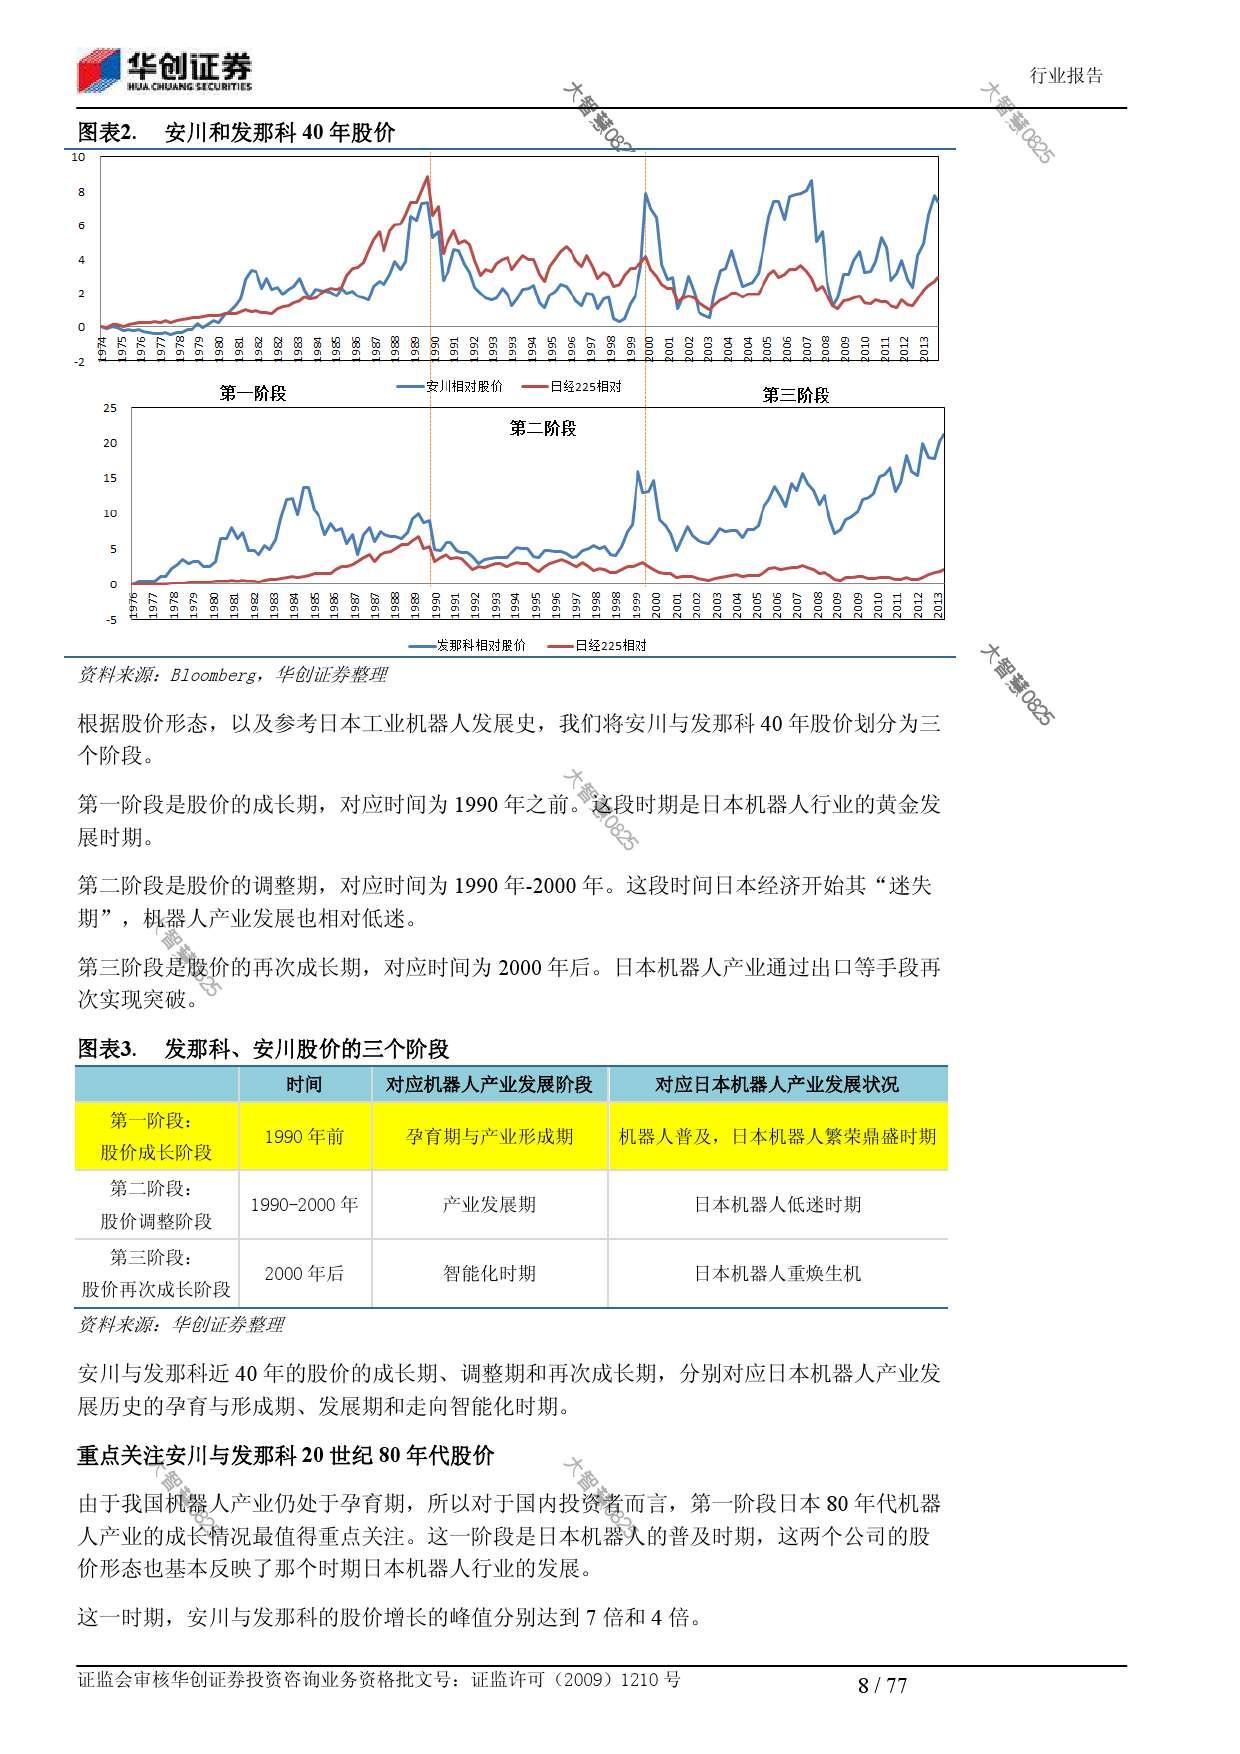 行业研究_华创证券_刘国清,鲁佩_机械设备:机器人大趋势_2014021_000008